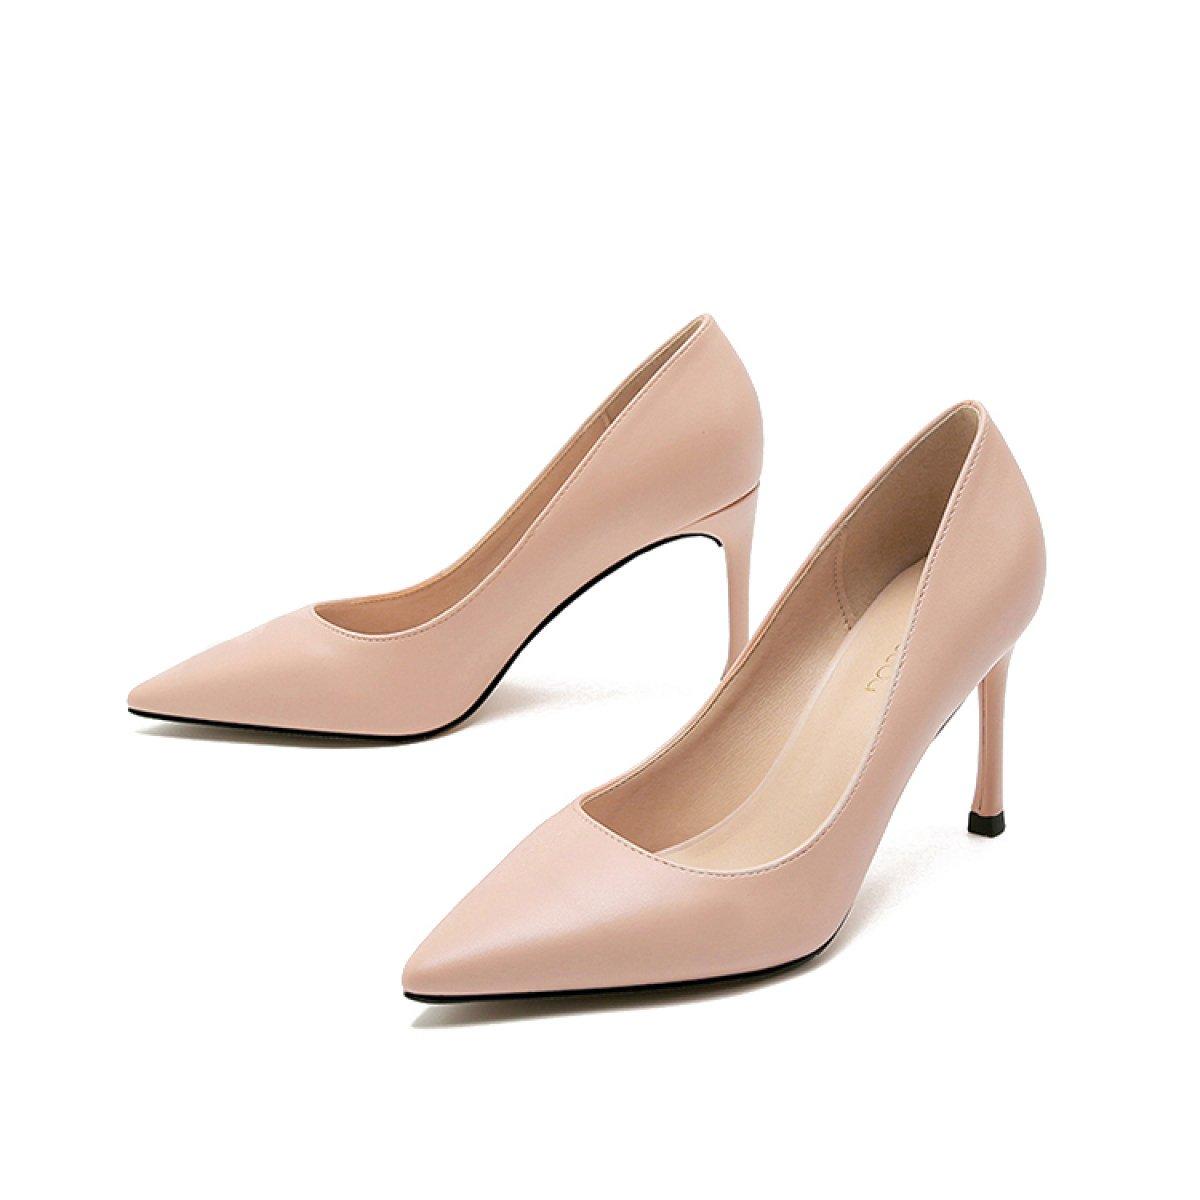 Frauen Sexy High Heels Arbeit Business Pumps Damen Elegante Spitzschuh Schuhe